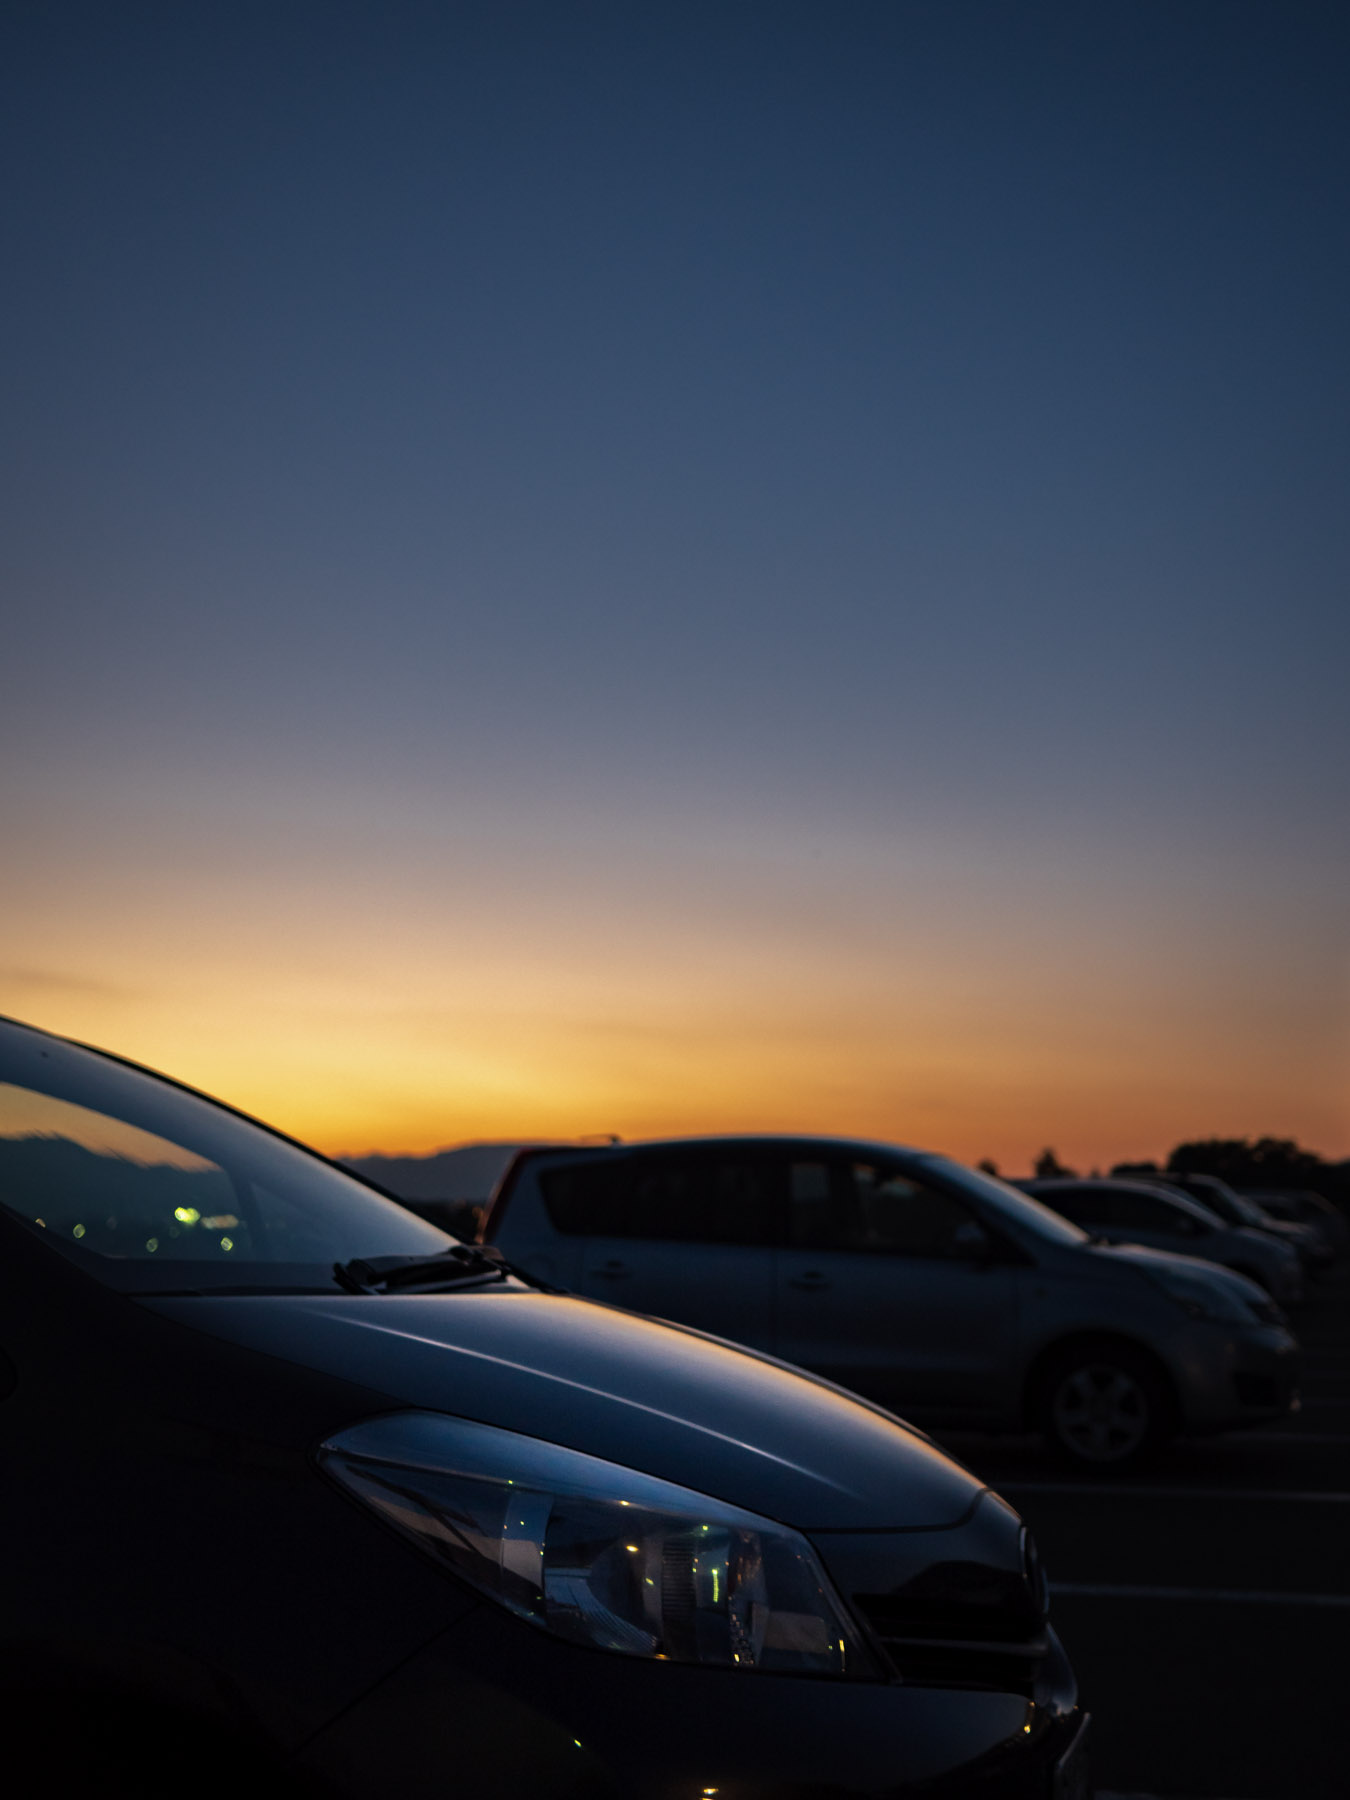 夕闇に消えてゆく車のシルエットとオレンジ色のスカイライン